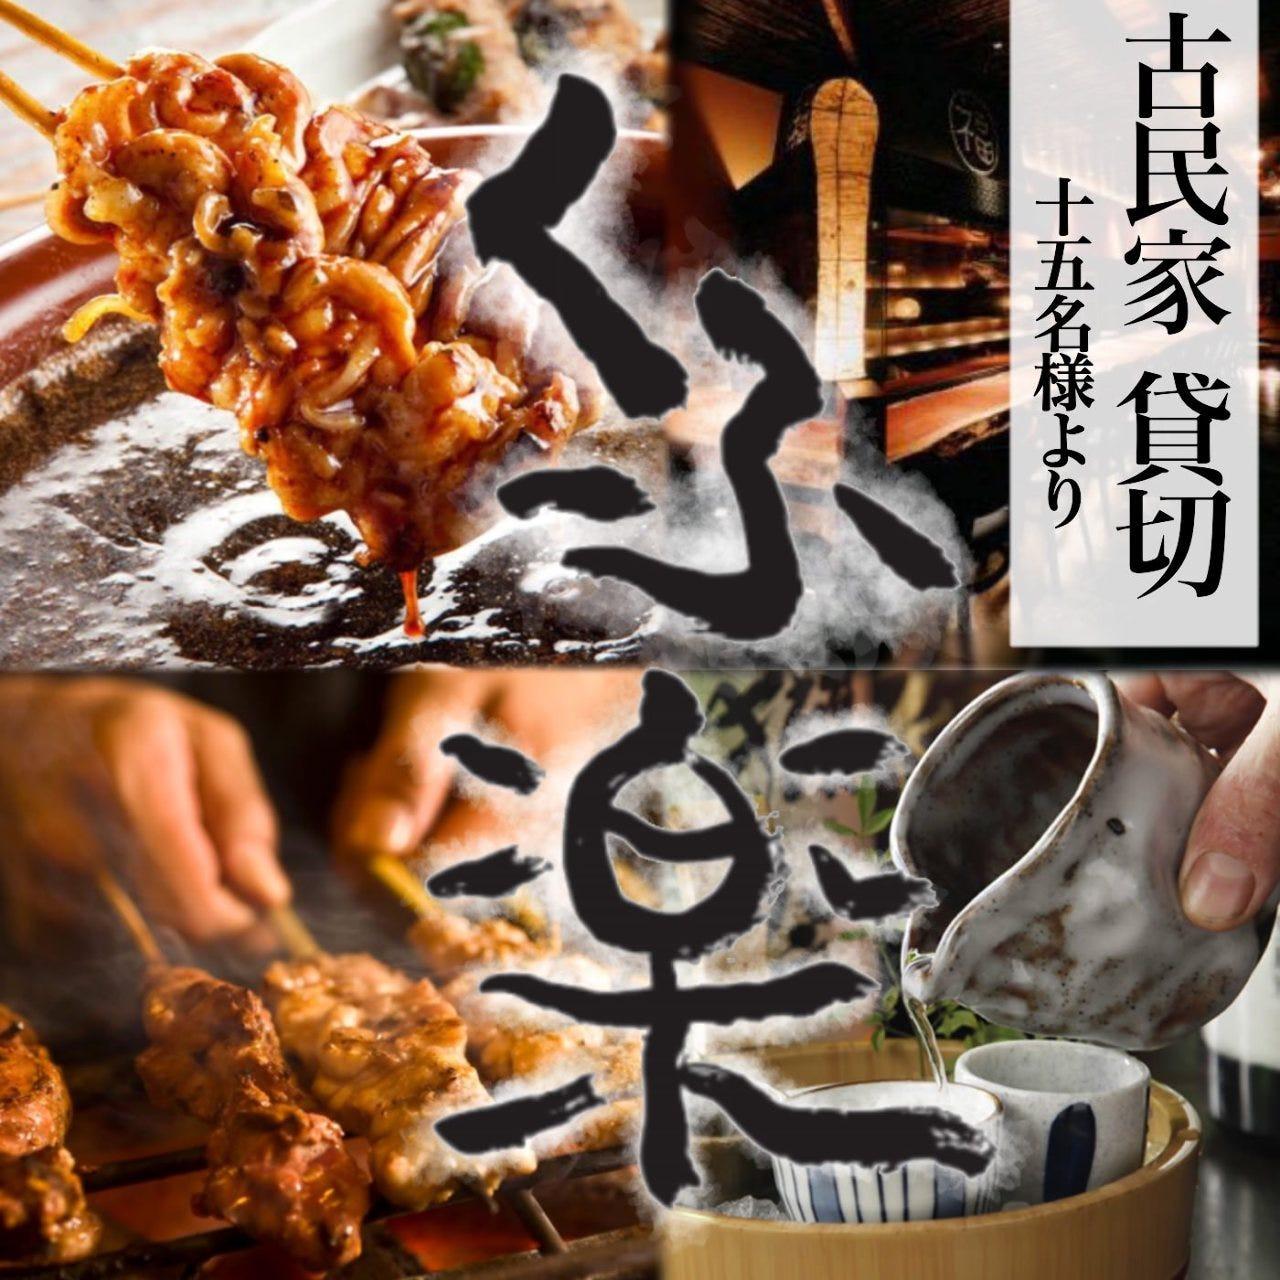 炭火串焼厨房 くふ楽 本八幡店